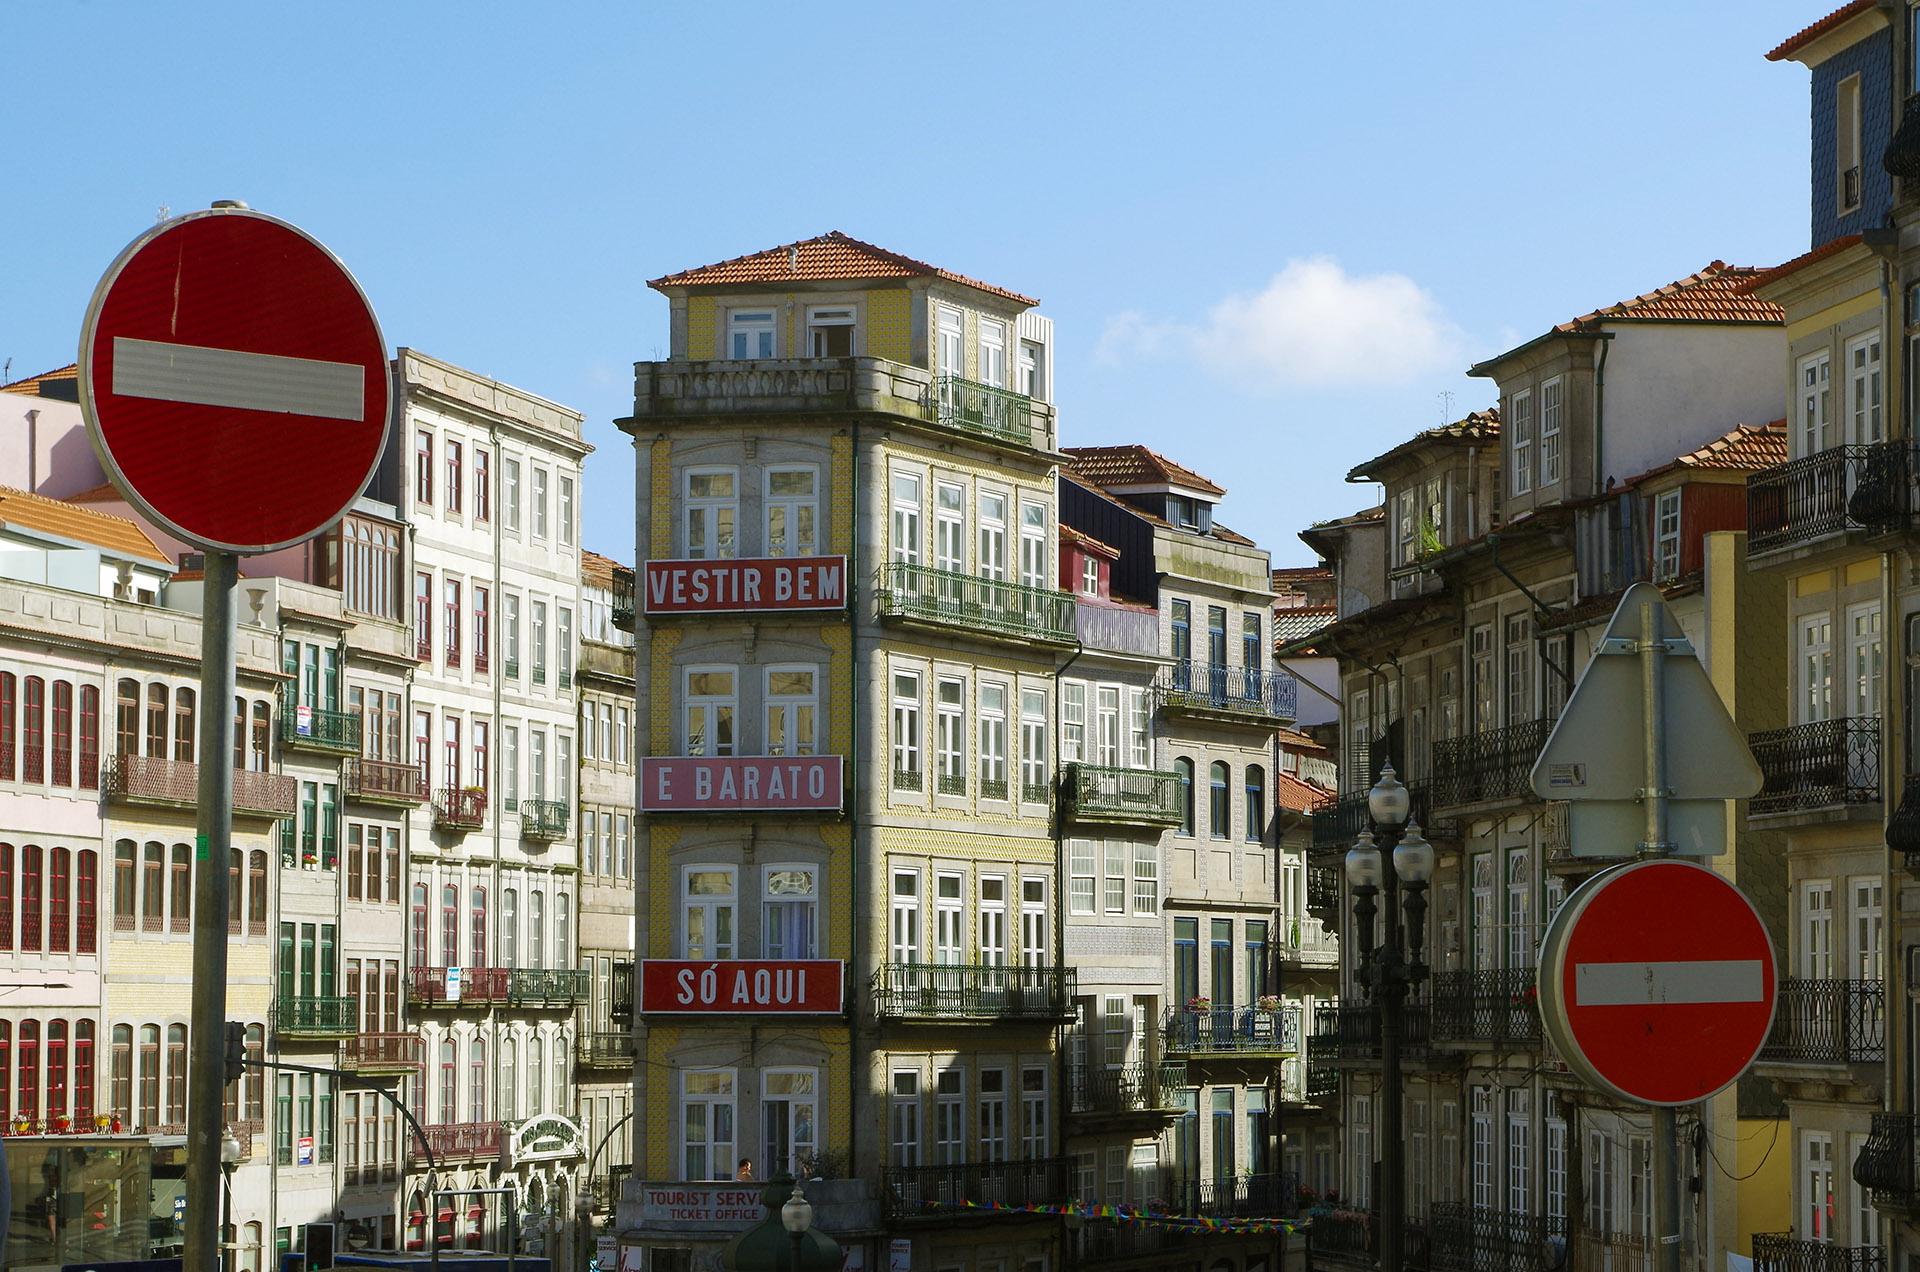 Anuncio en fachada de Oporto